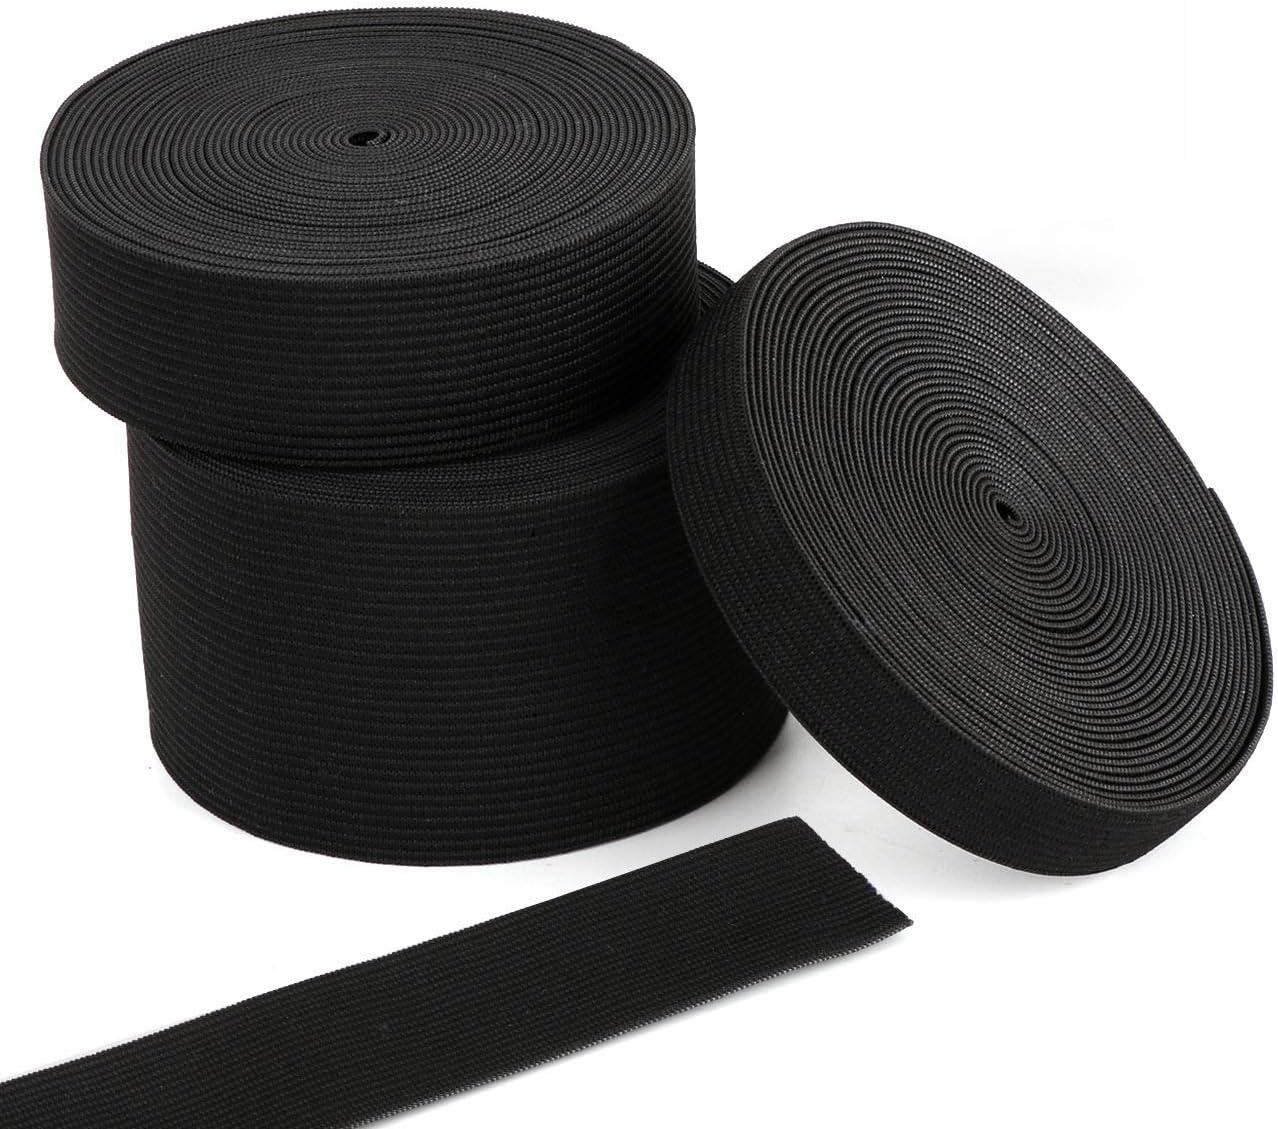 15 m/ètres Extensible Cordon /Élastique Ruban pour Le Projet de Couture de v/êtements Artisanat Fait main Bande /élastique noir 15-25-50 mm Largeur